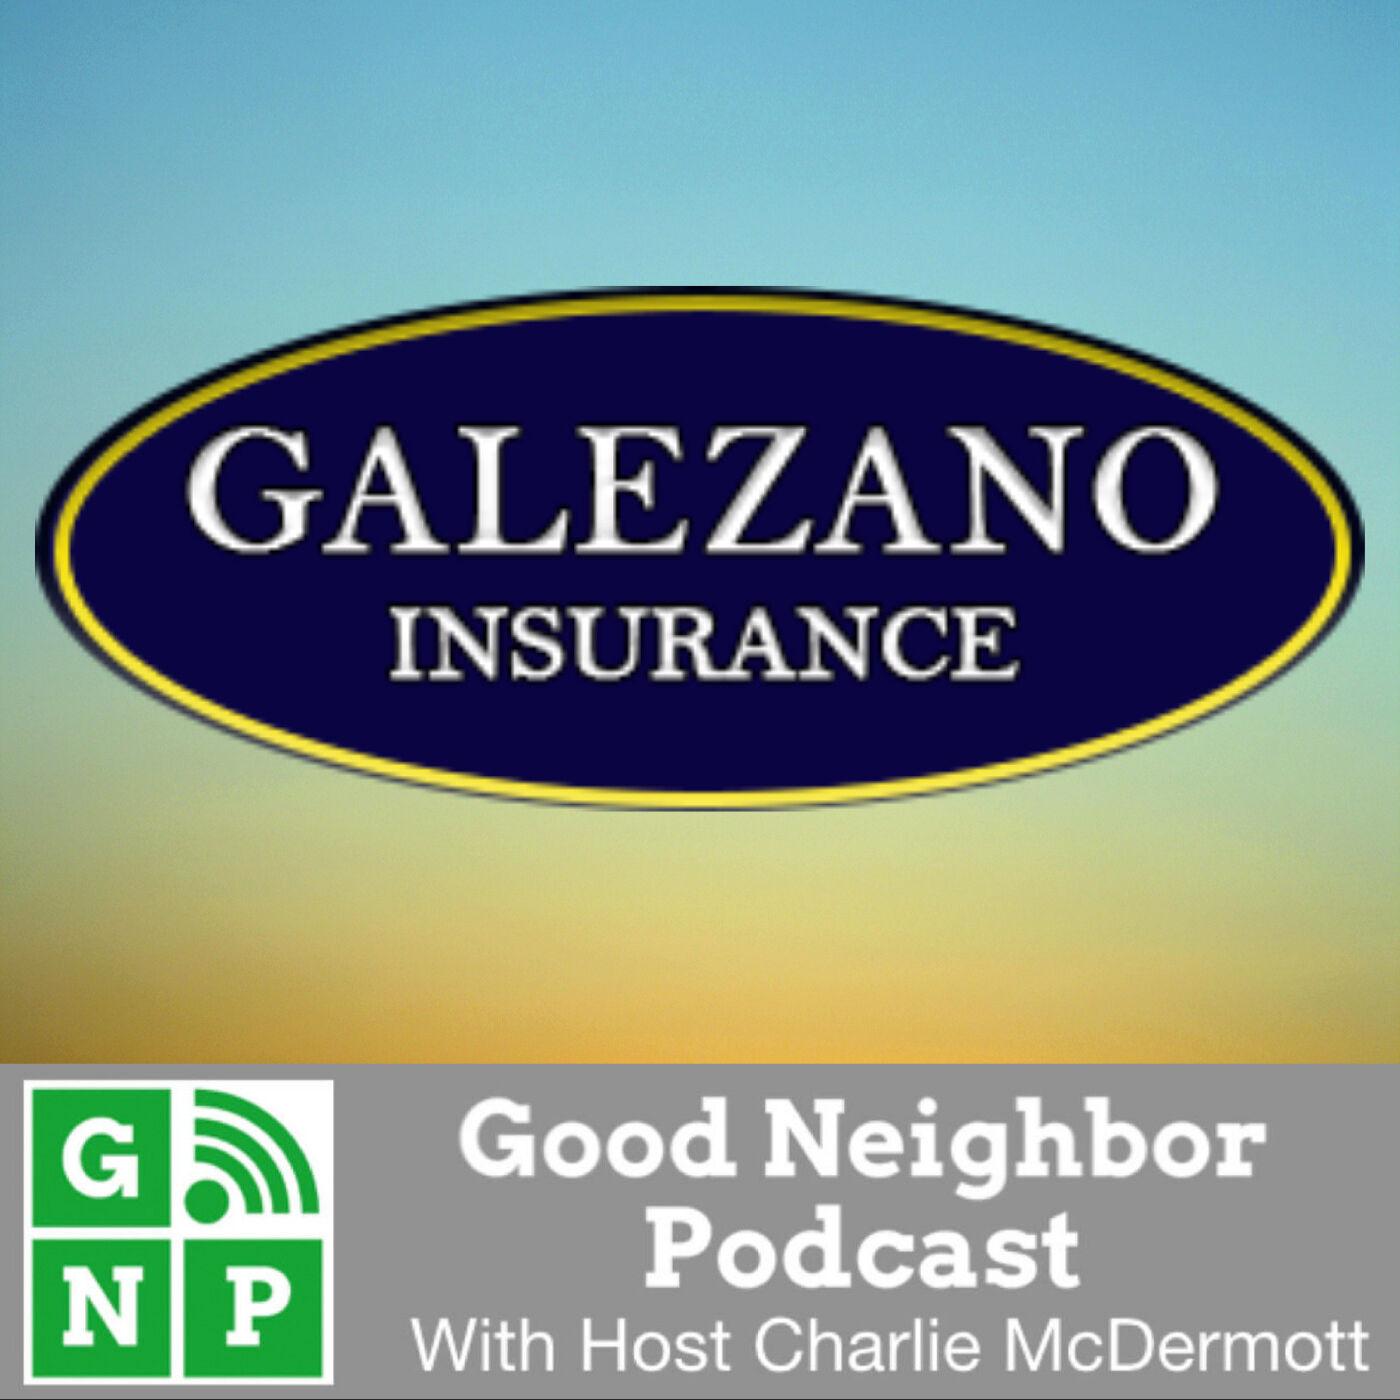 EP #453: Galezano Insurance with Margaret Galewski